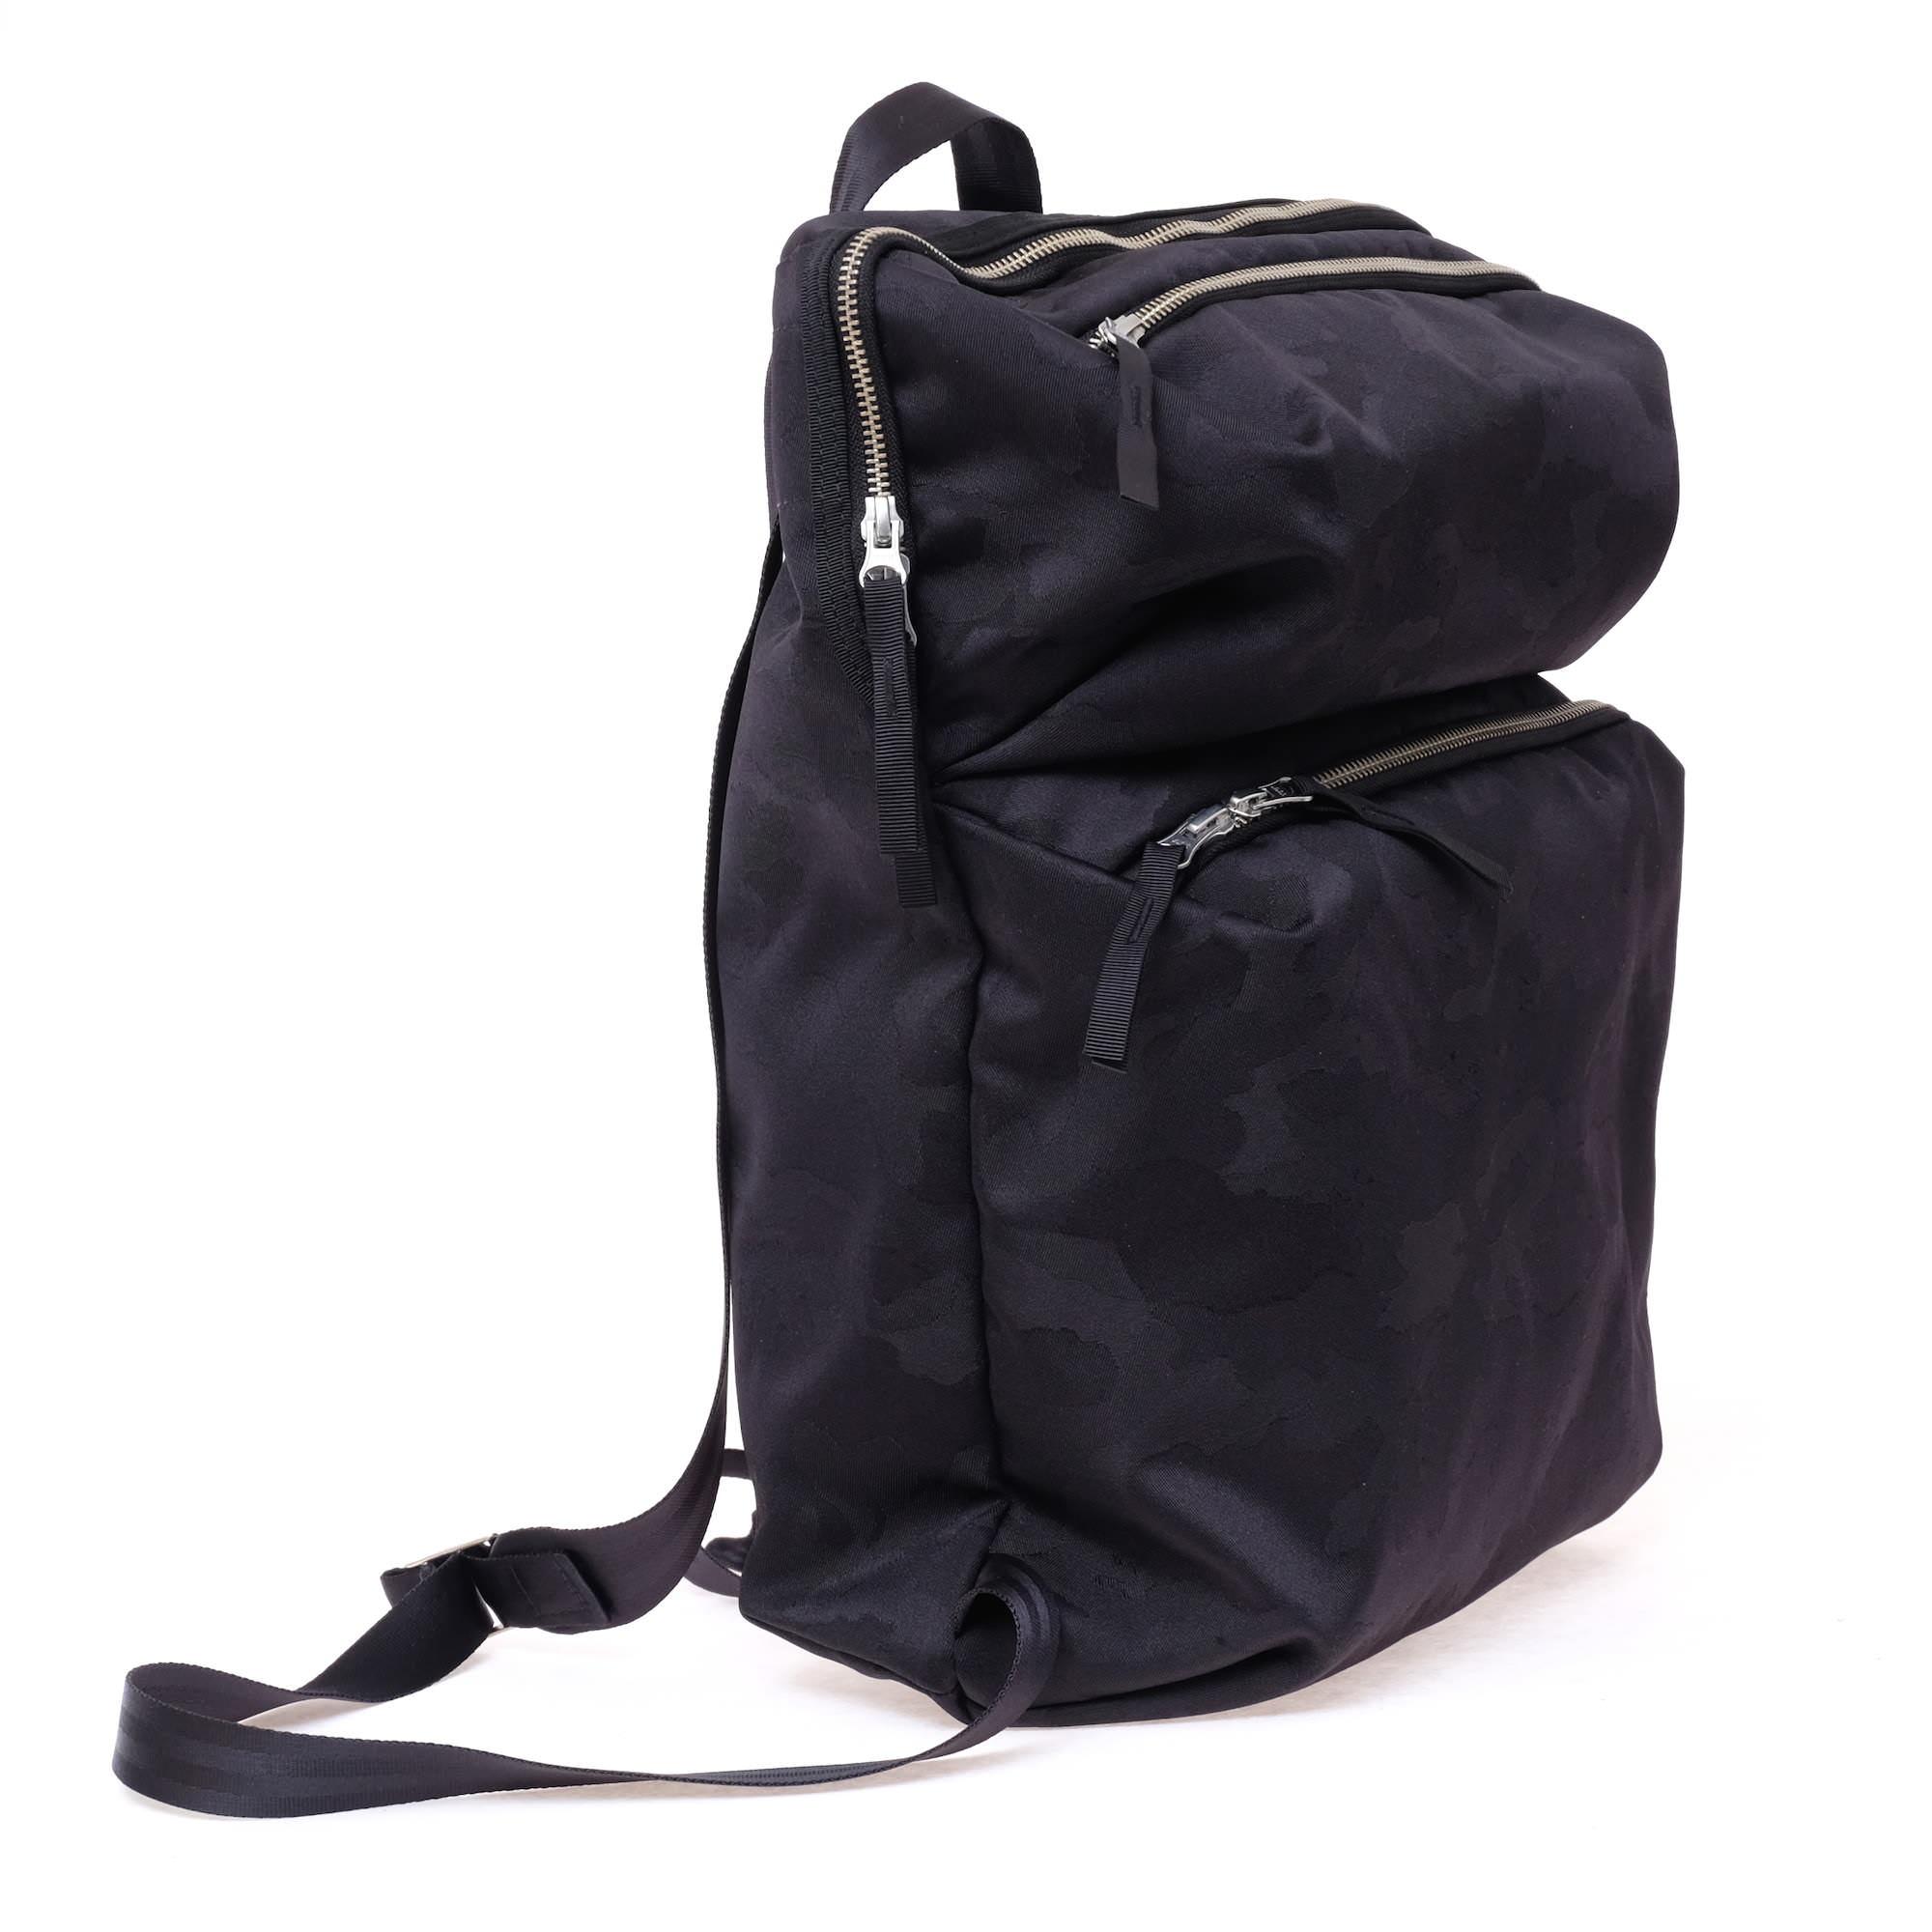 0888e4f64834 ポーター 吉田カバン / PORTER リュック メンズ ブラック 黒 SP-0222 ...